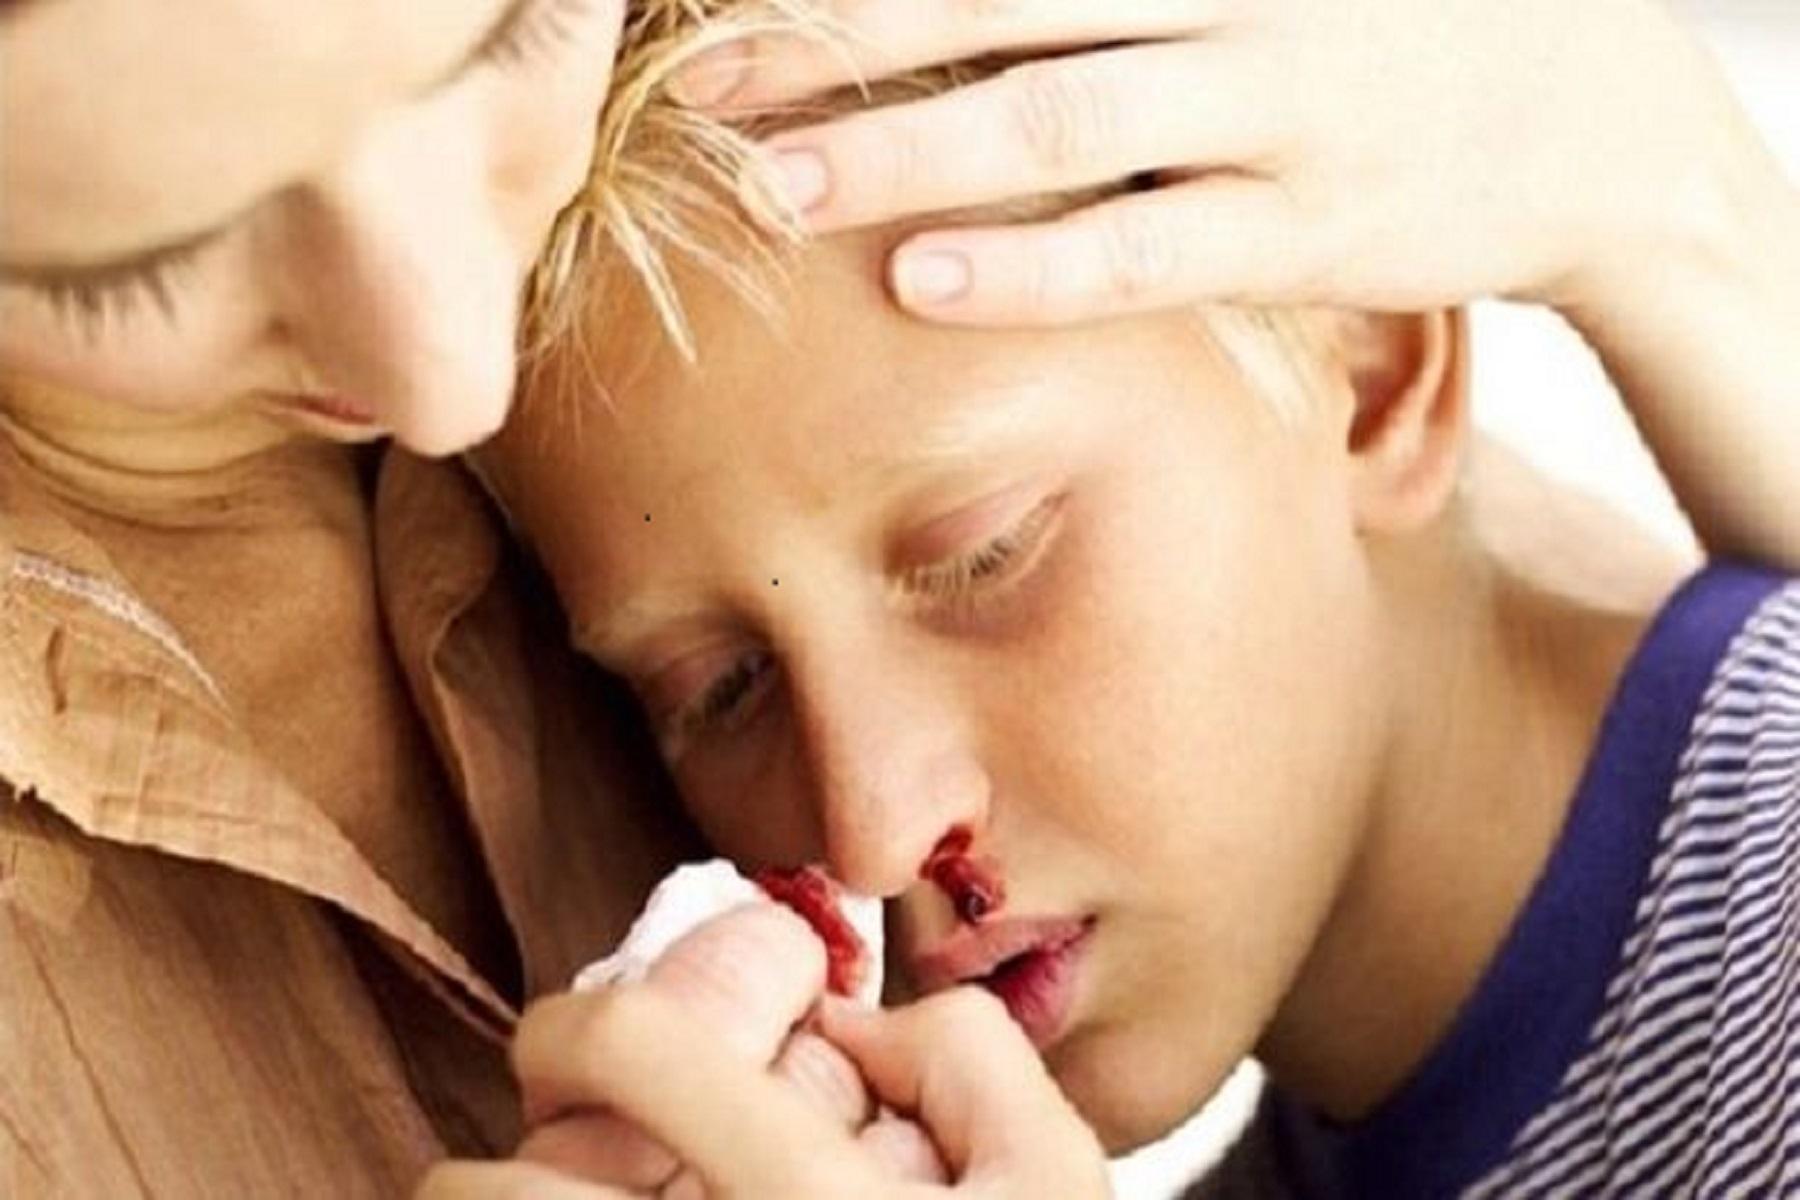 Αιμορραγία Μύτη: Πώς να σταματήσουμε την ρινορραγία στο σπίτι